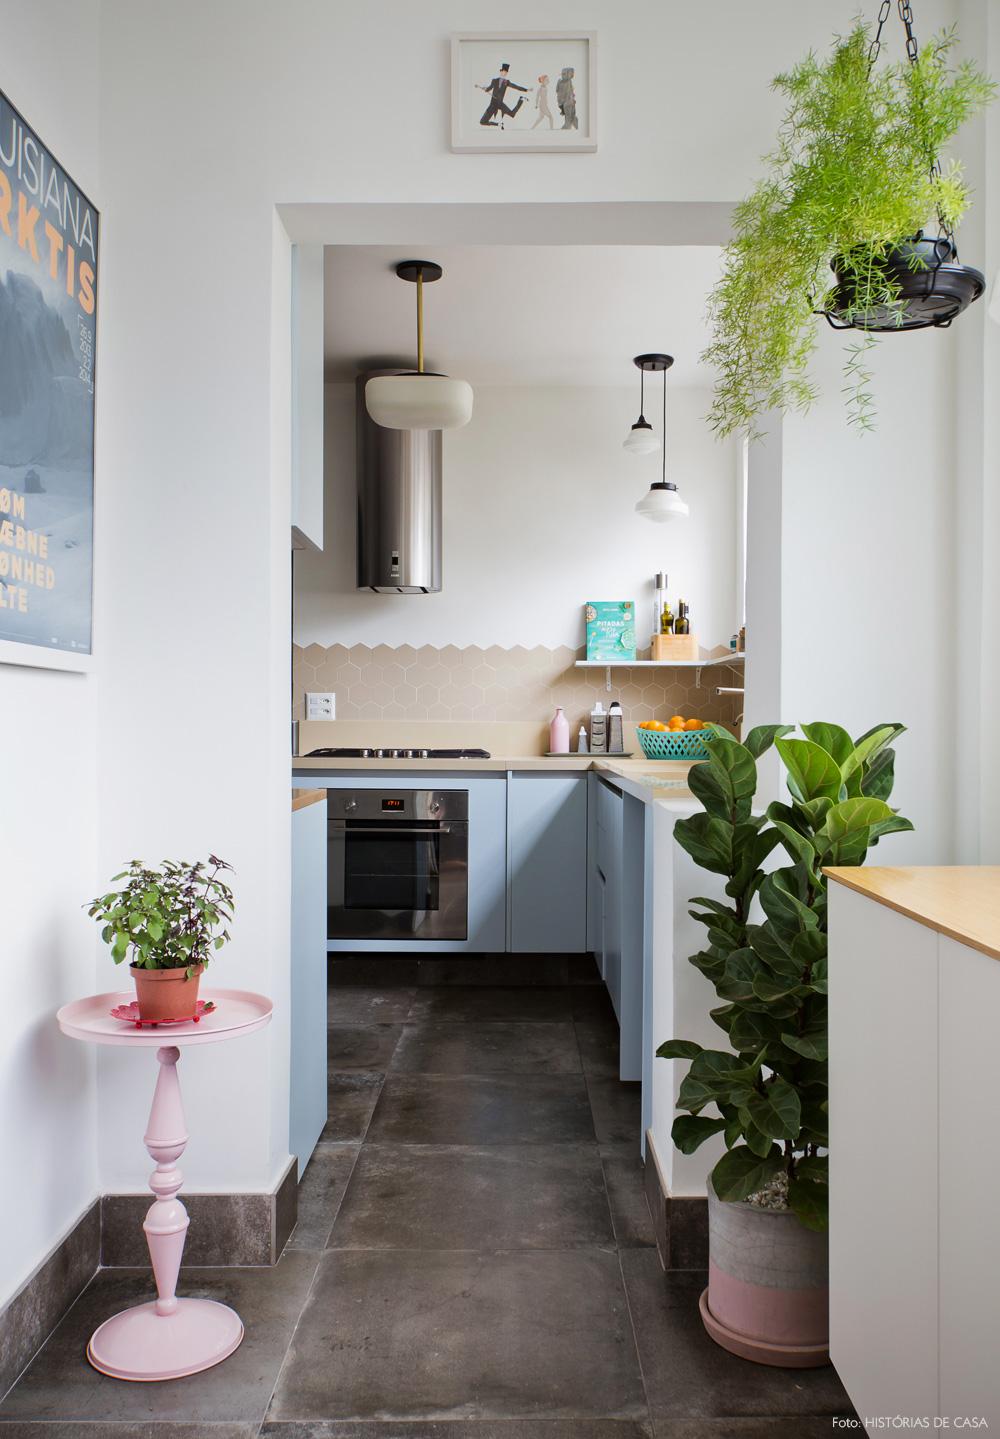 24-decoracao-corredor-entrada-cozinha-revestimetos-hexagonais